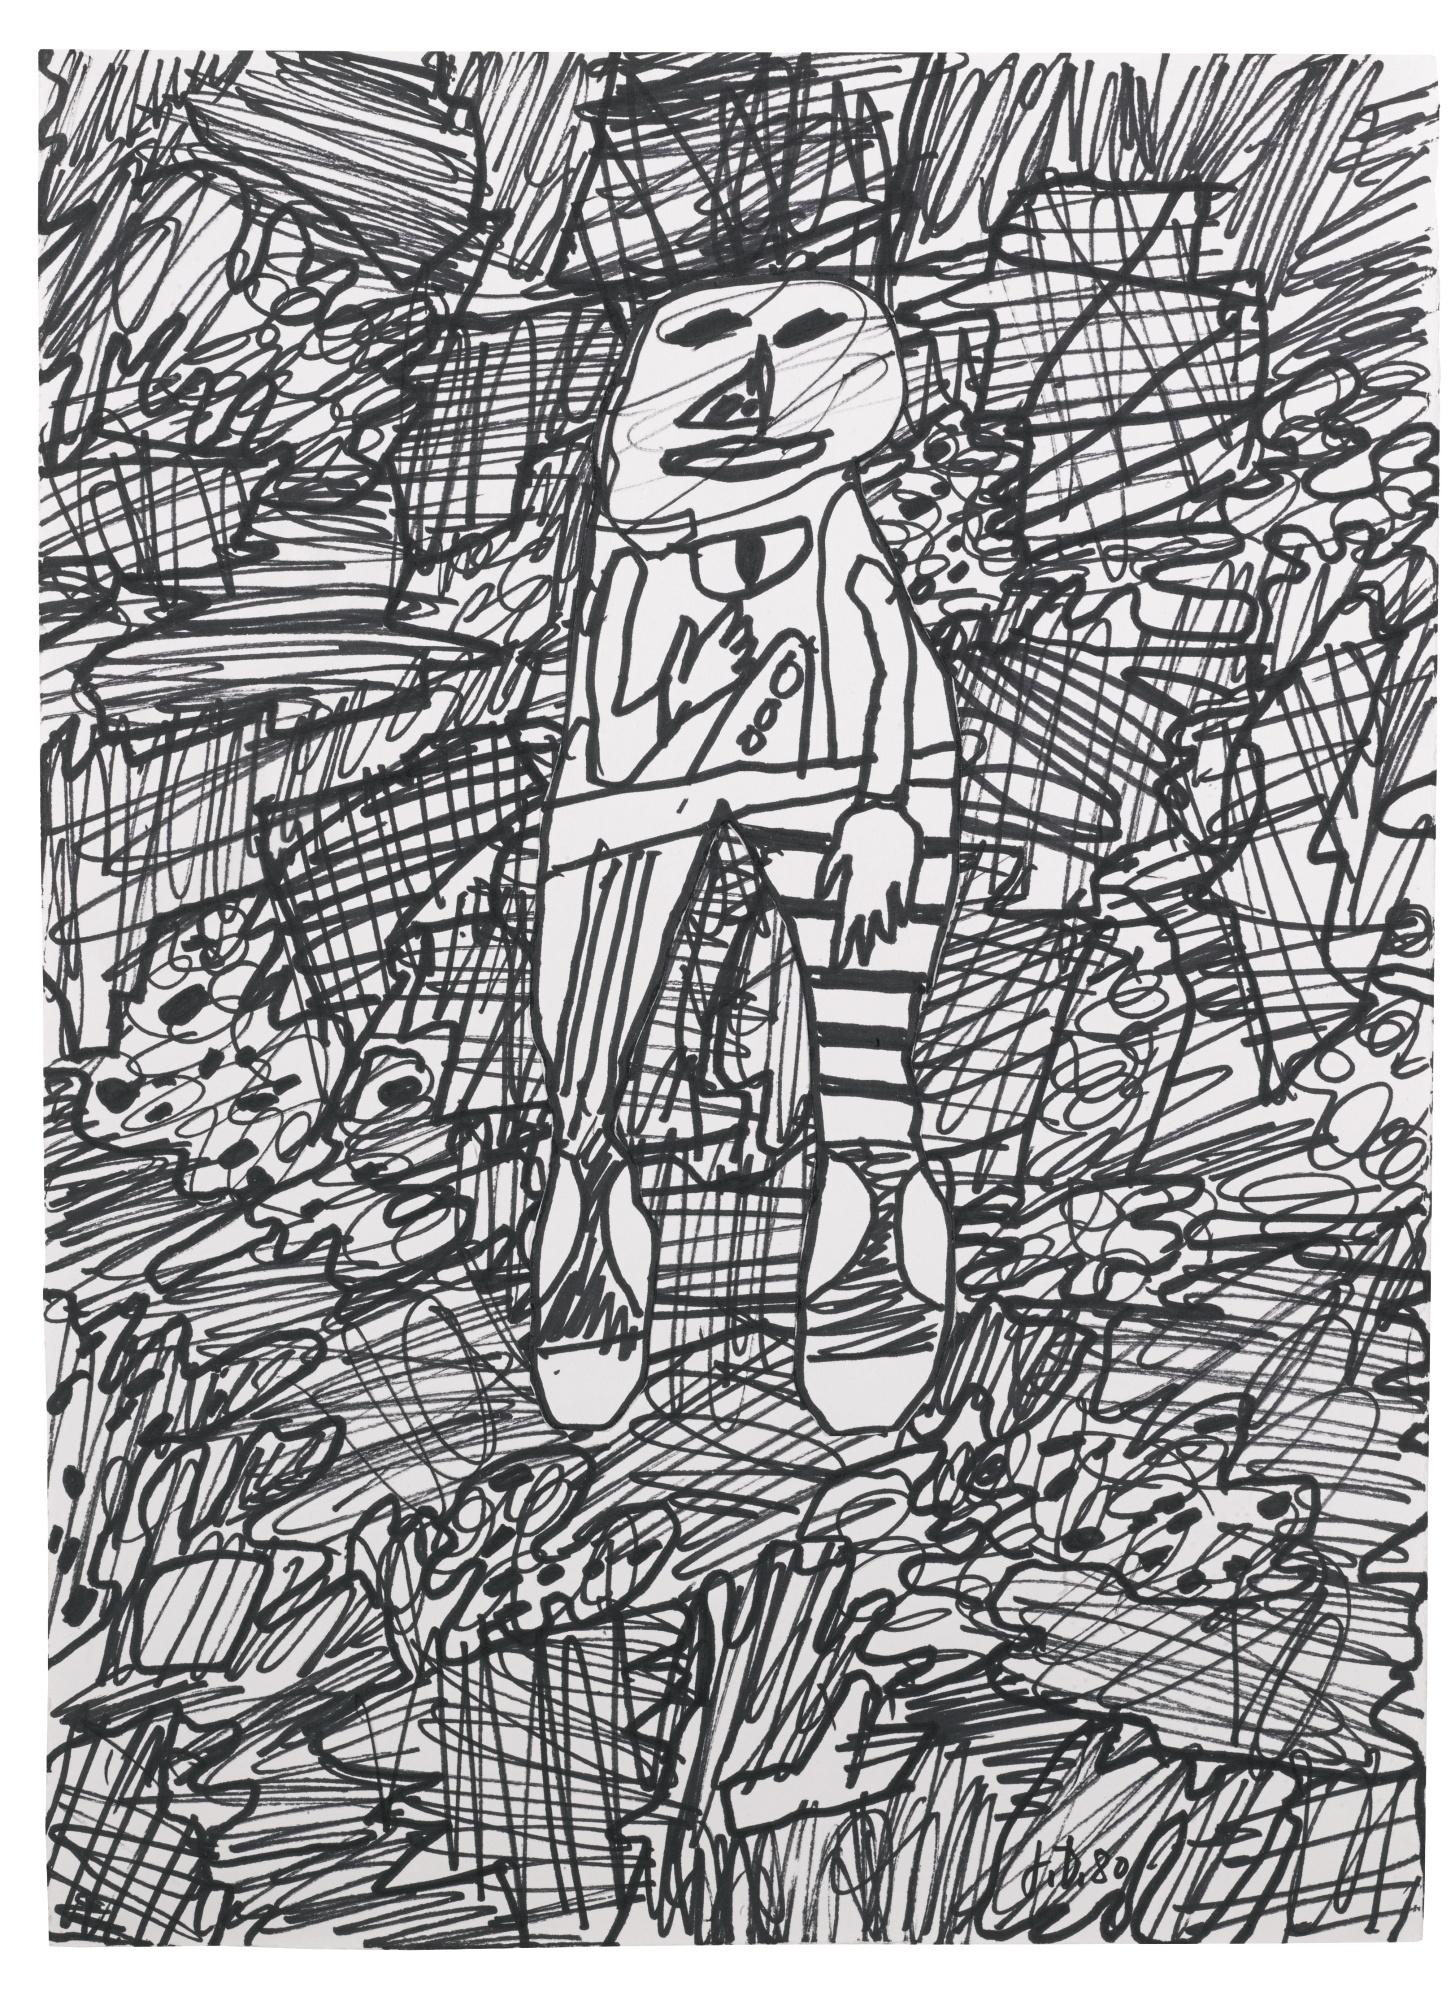 Jean Dubuffet-Paysage Avec Un Personnage-1980